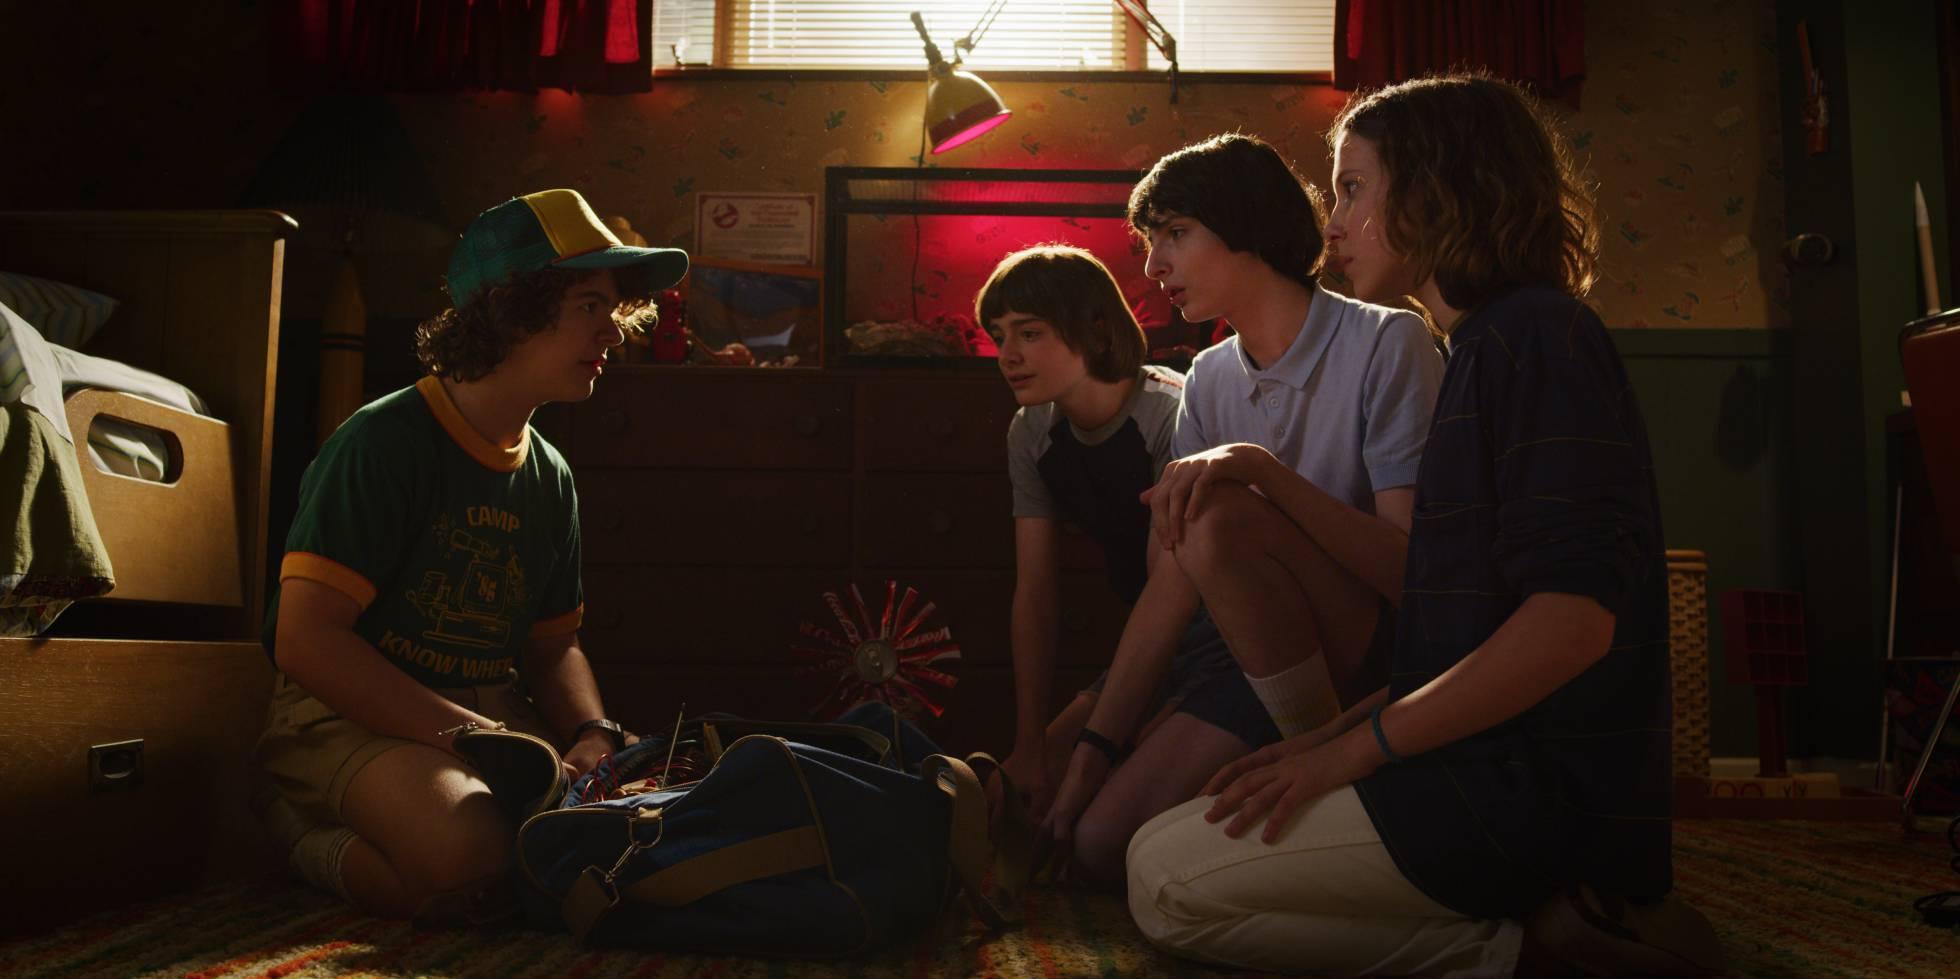 Los personajes principales de Stranger Things se reúnen para una nueva aventura. (Foto Prensa Libre: Netflix)